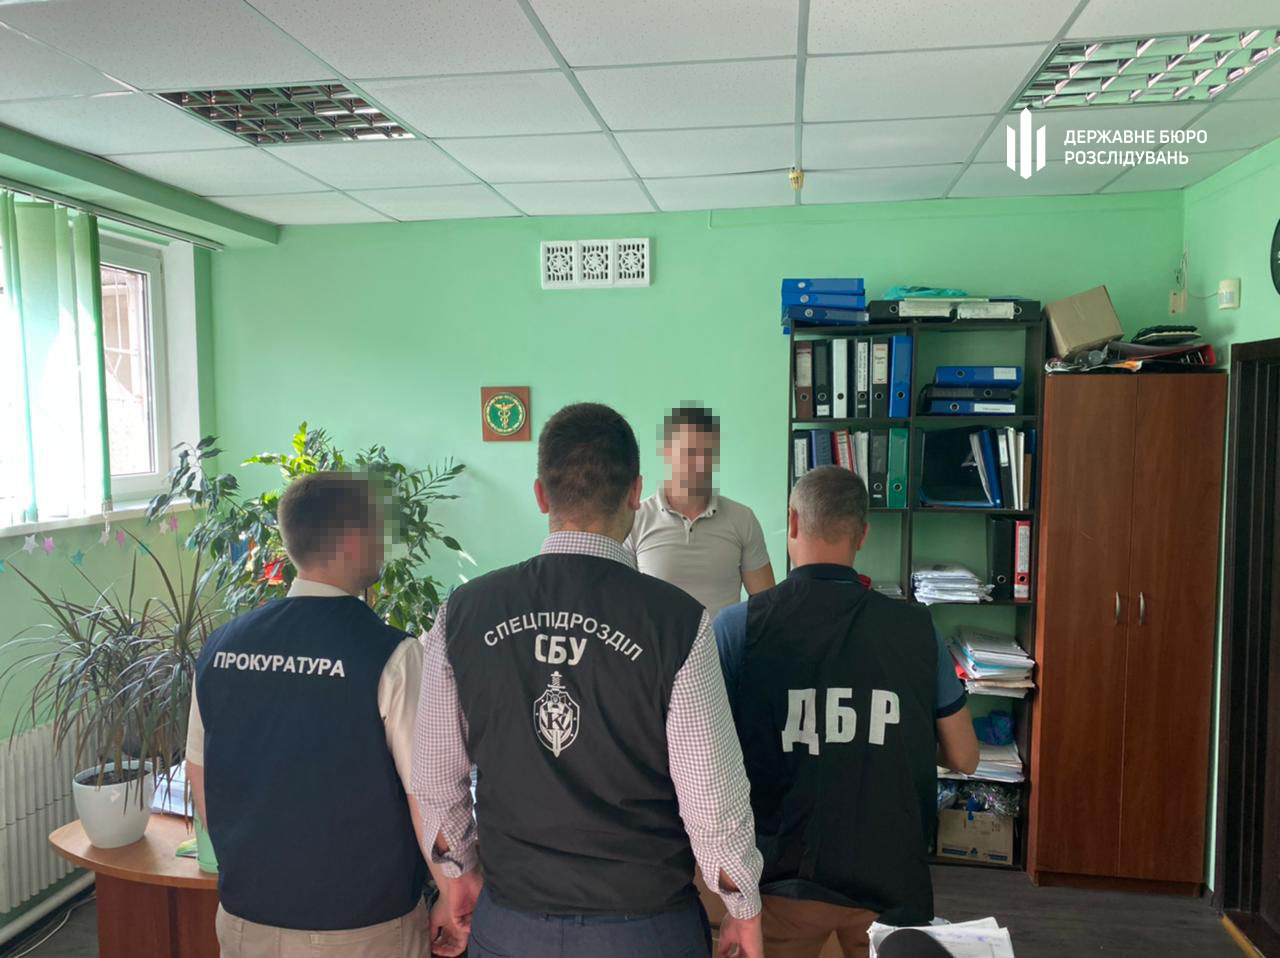 Налоговик на Харьковшине вымогал взятку у предпринимателя